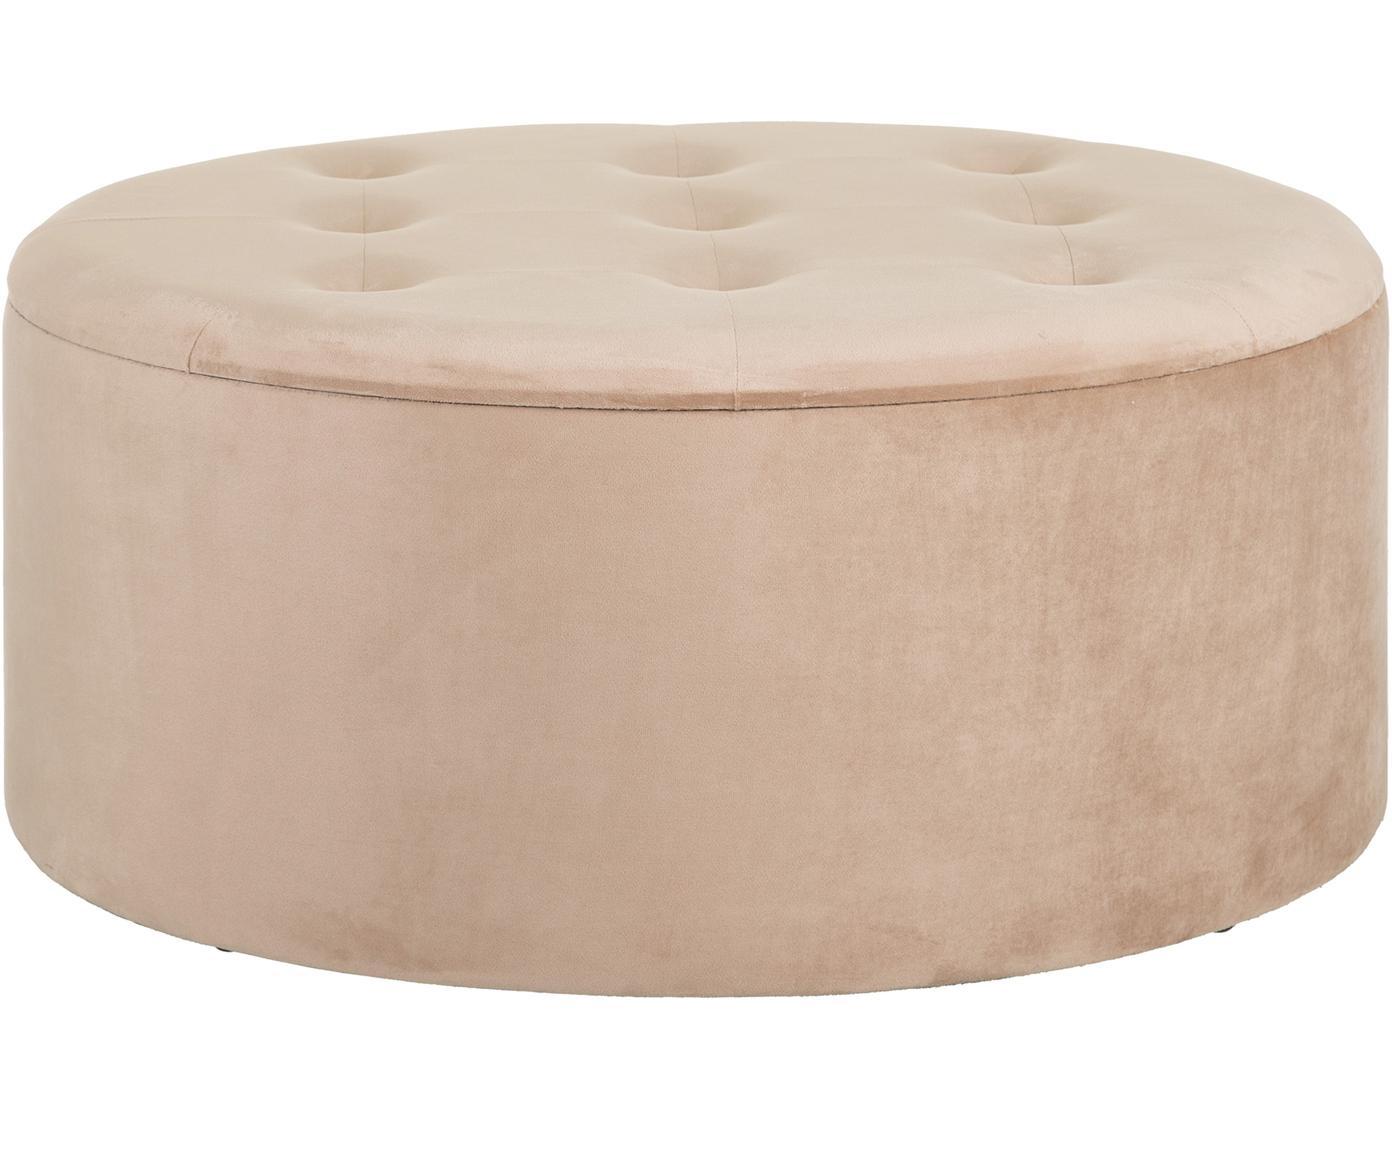 Taburete de terciopelo Bina, con espacio de almacenamiento, Tapizado: poliéster (terciopelo), Estructura: madera, Beige, Ø 90 x Al 40 cm